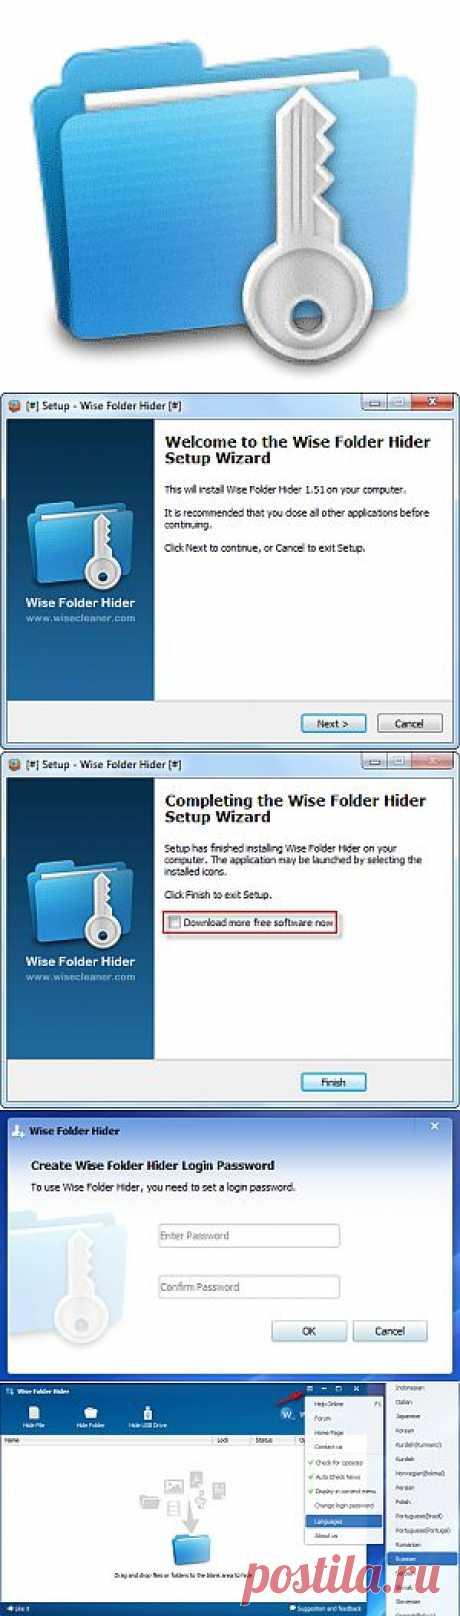 Wise Folder Hider — бесплатная программа для скрытия папок и файлов | Интернет и программы для всех | vellisa.ru